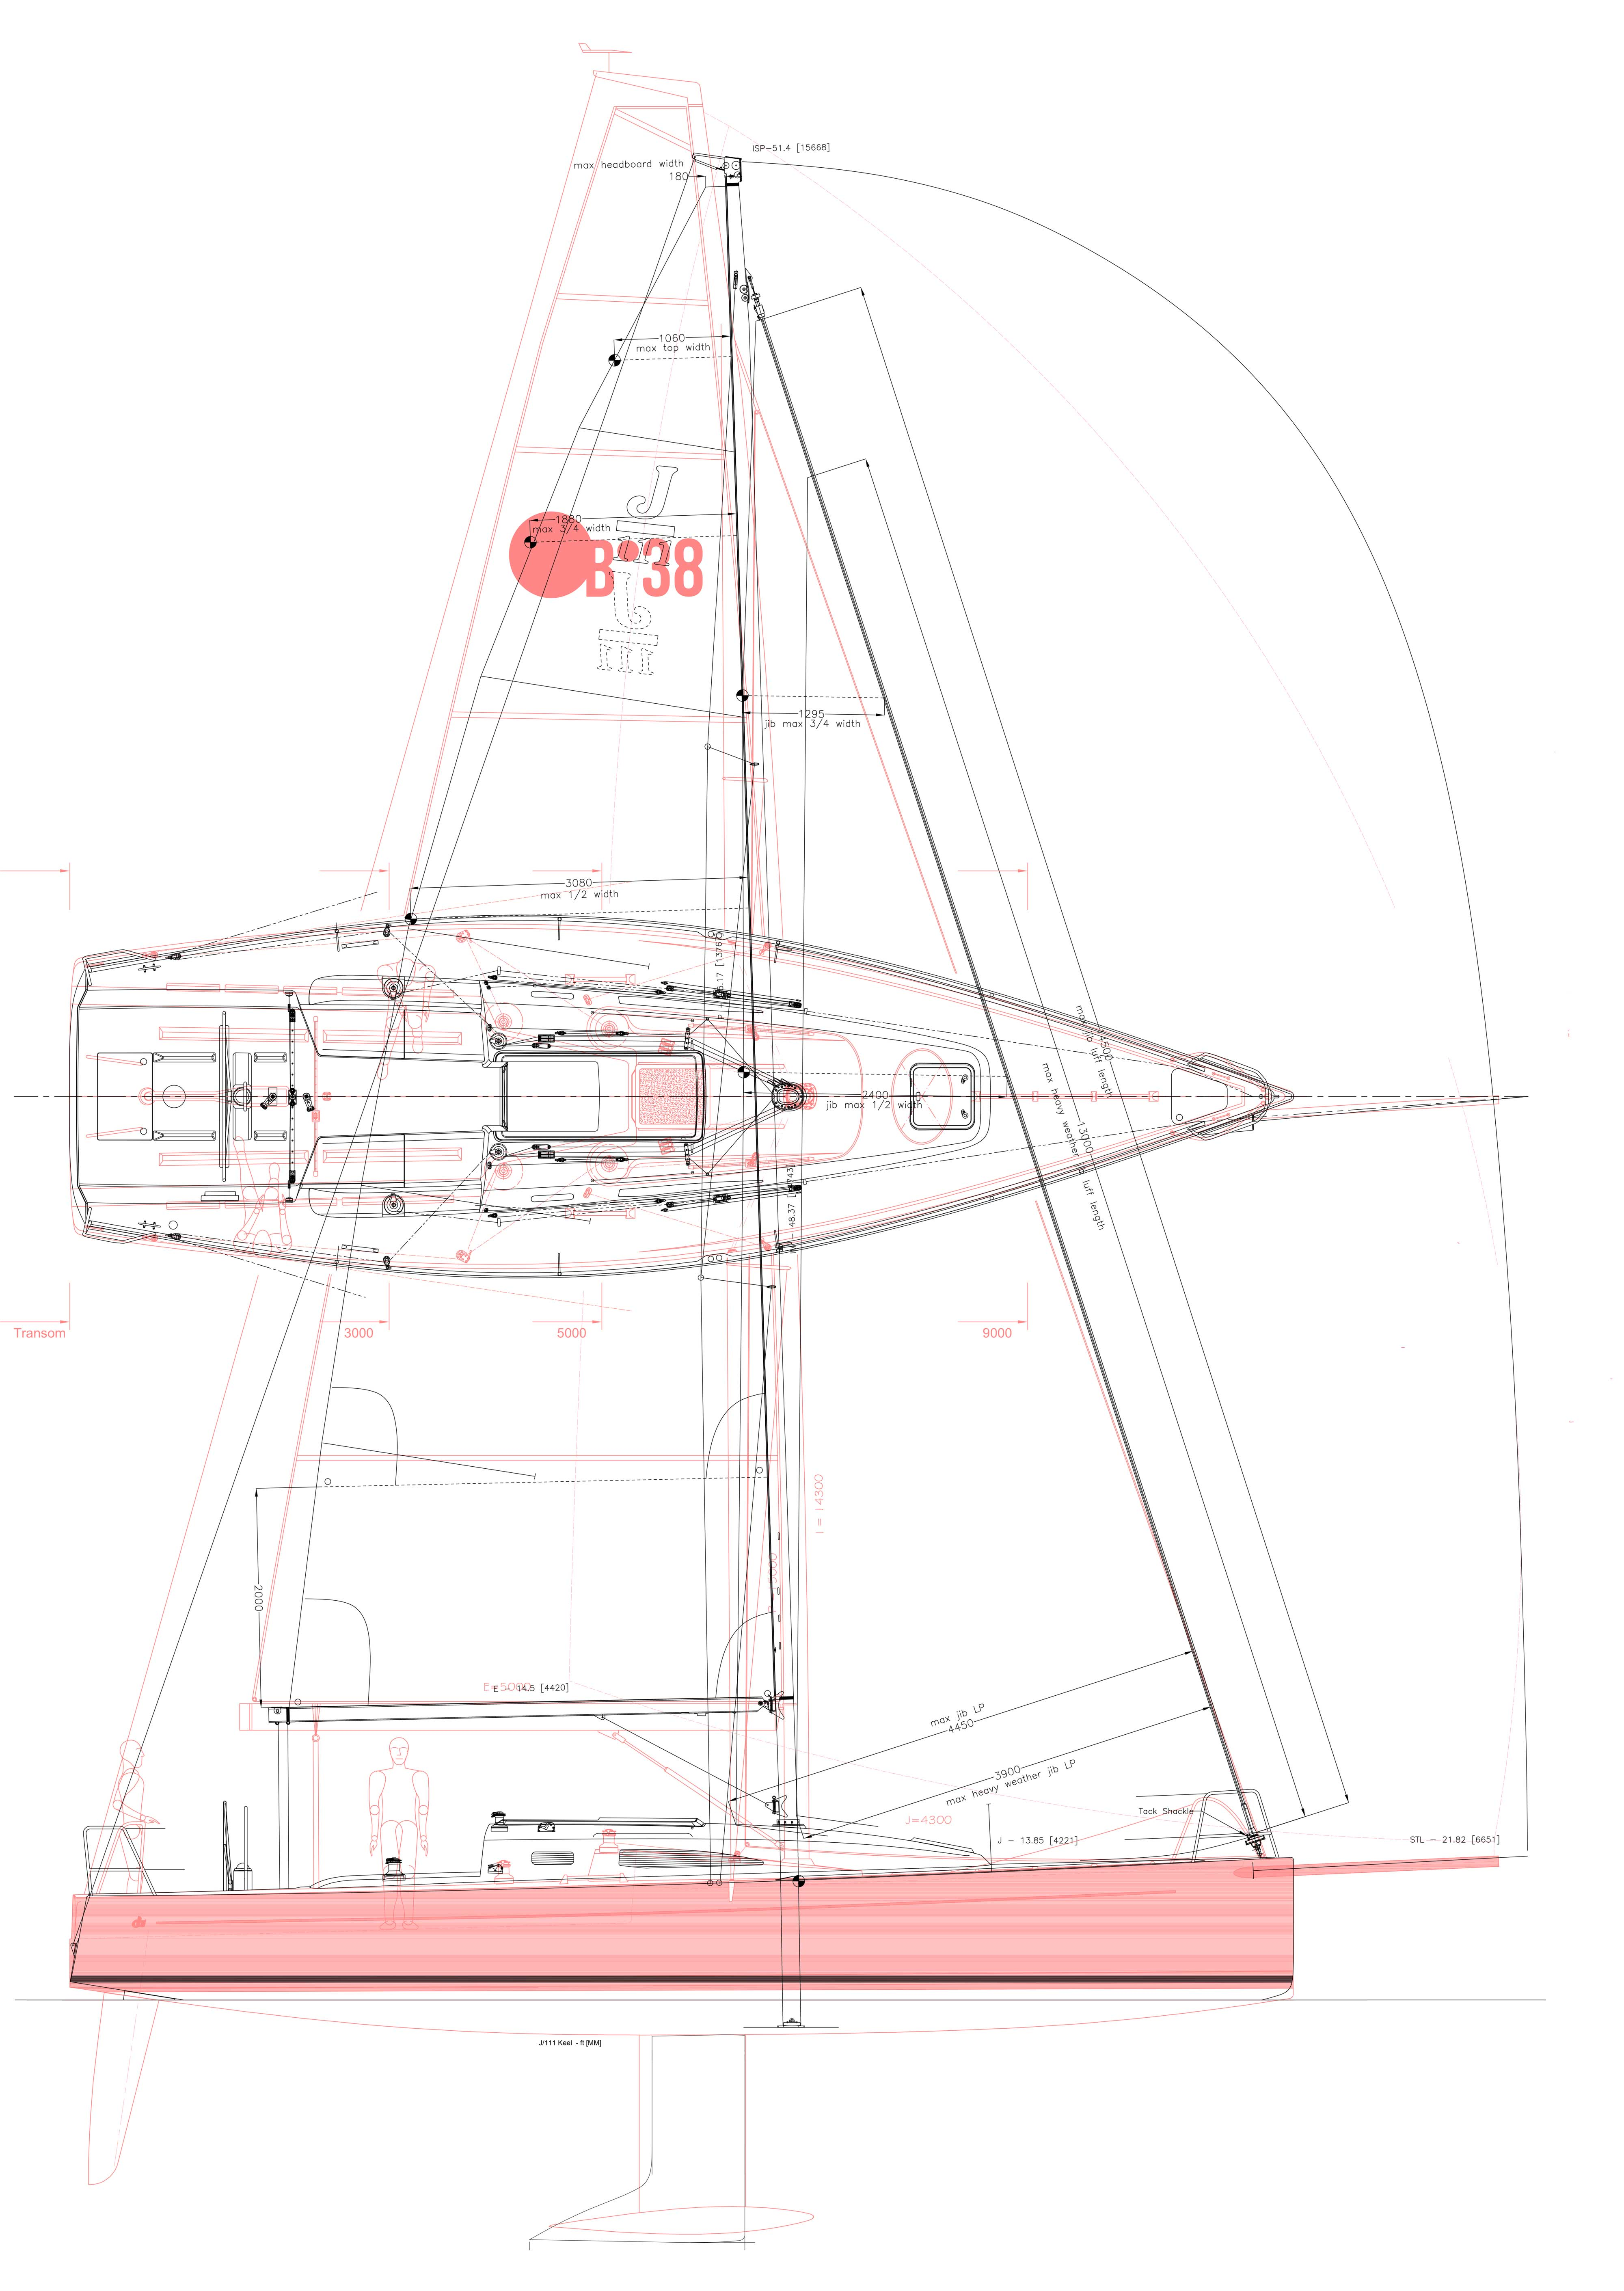 b38-vs-j111